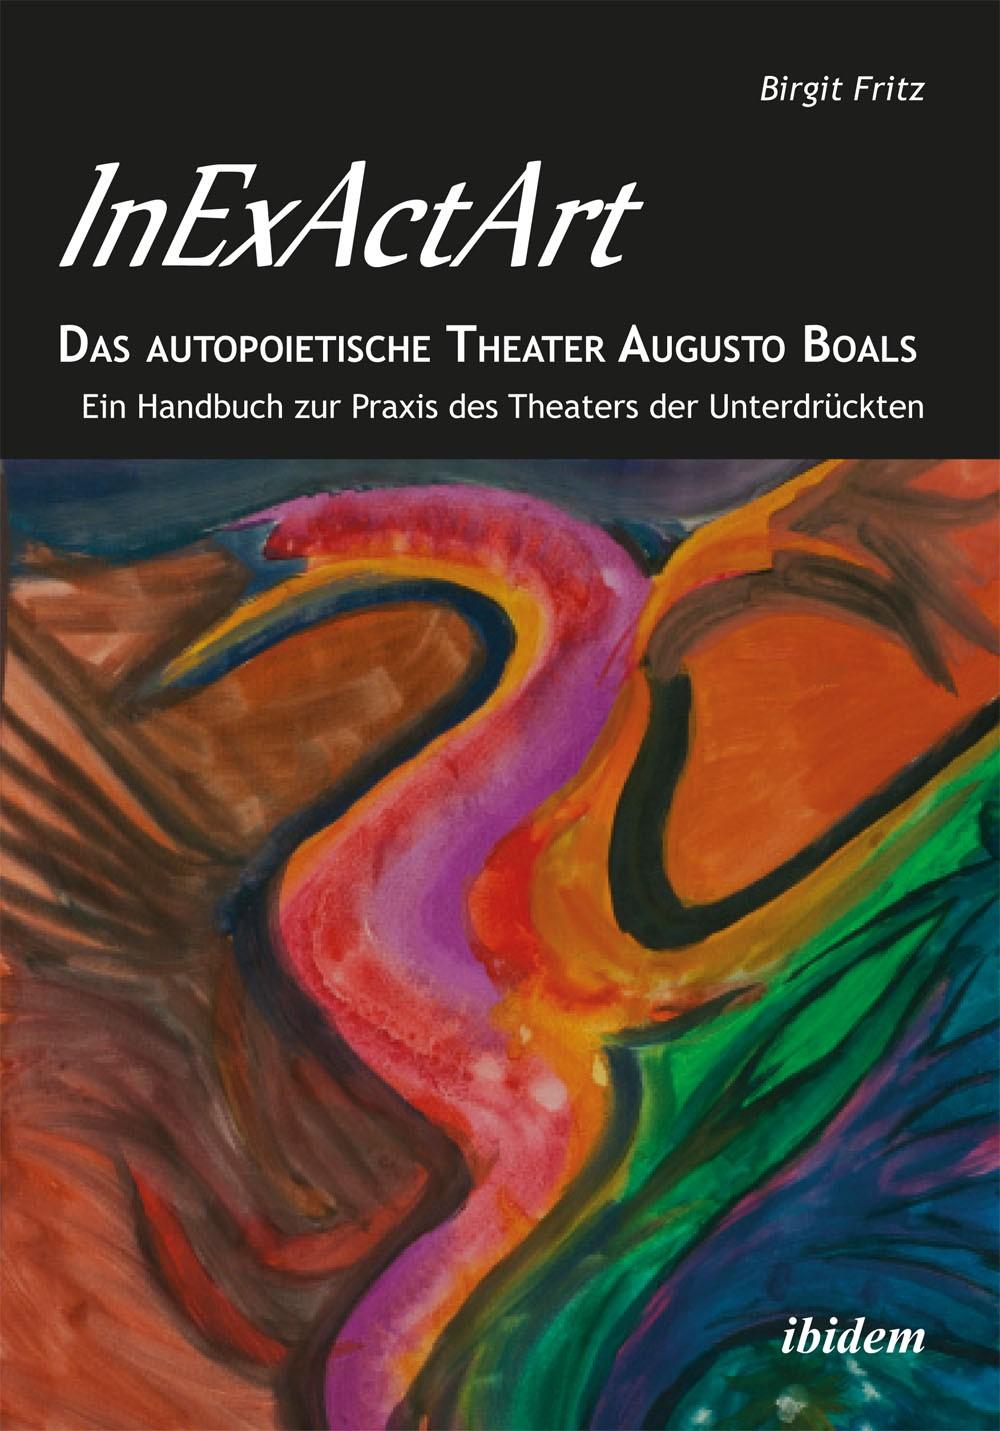 InExActArt - Das autopoietische Theater Augusto Boals